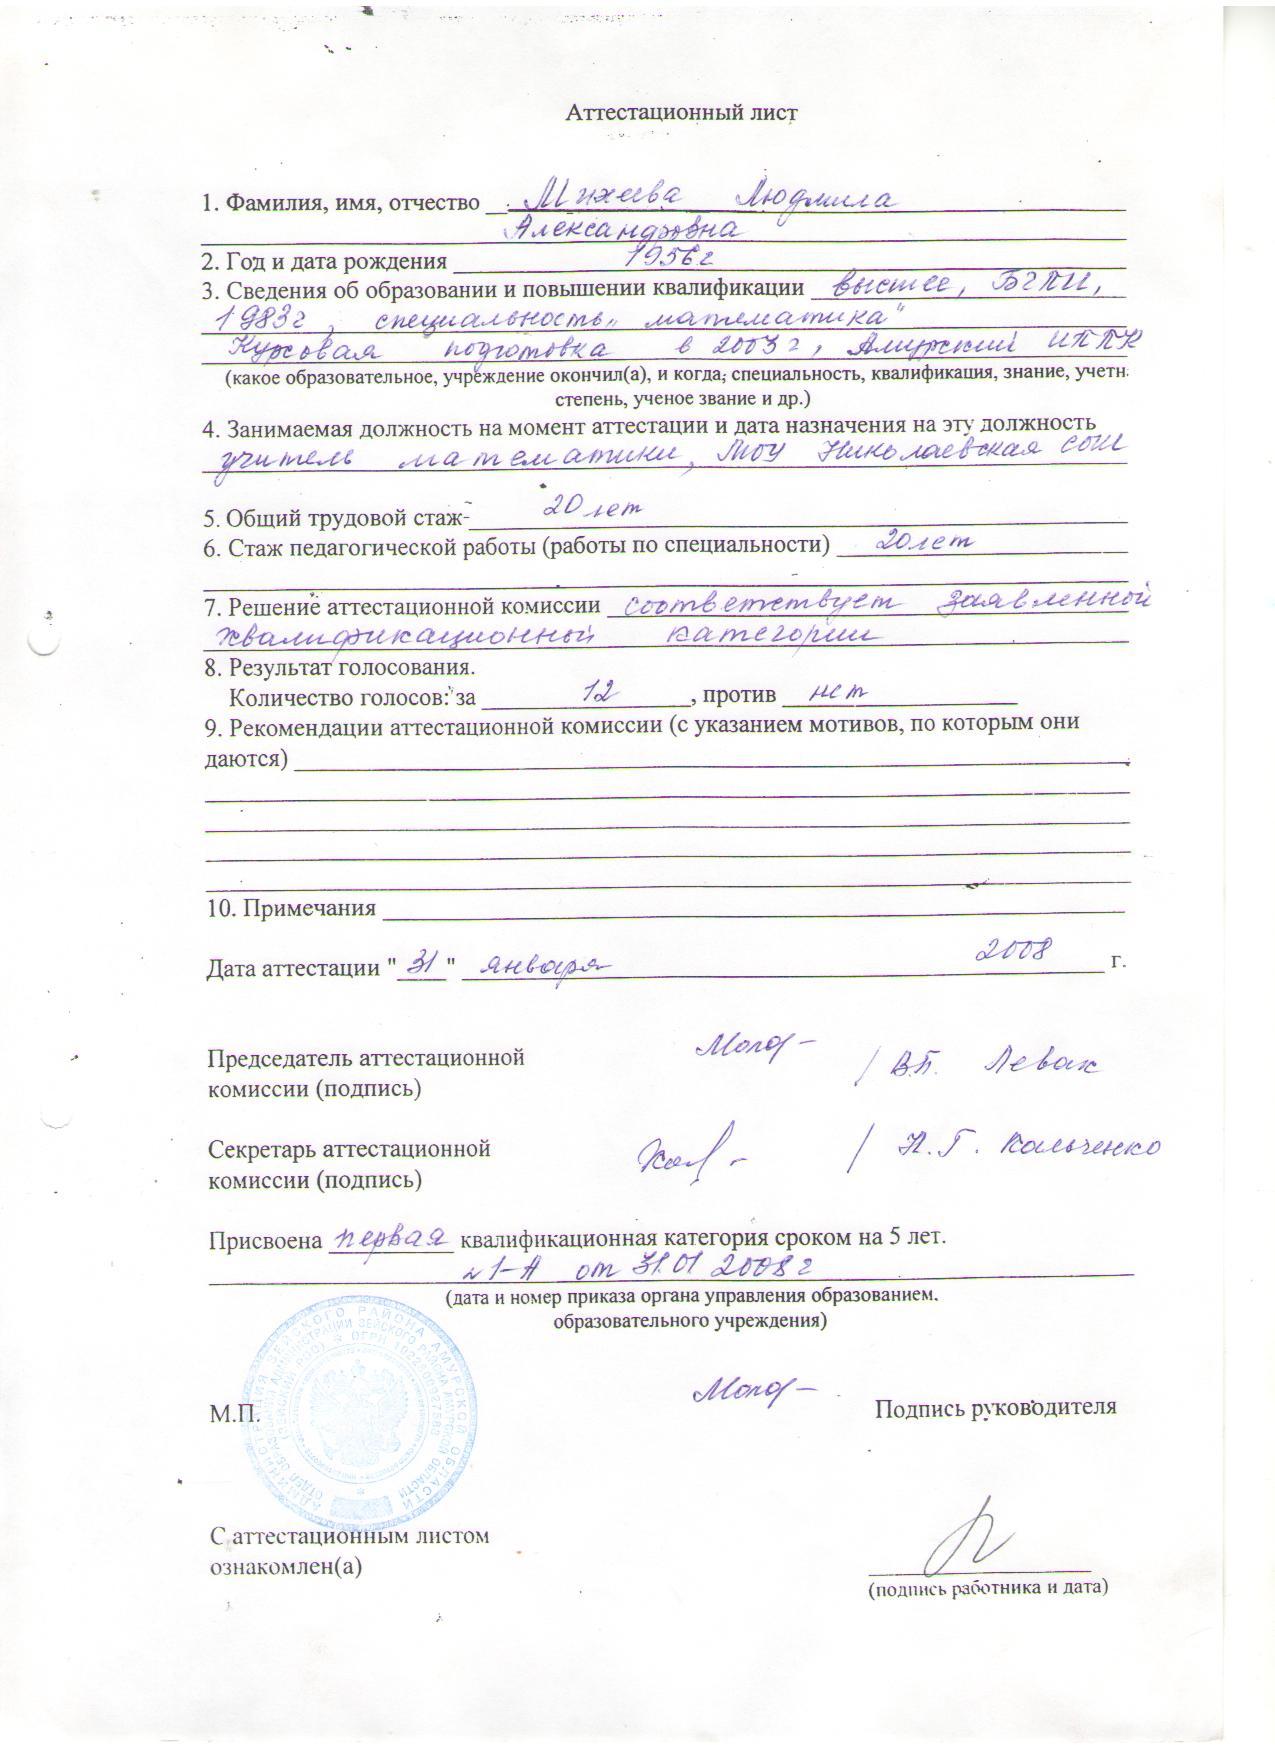 C:\Documents and Settings\Admin\Рабочий стол\аттестационный.jpg